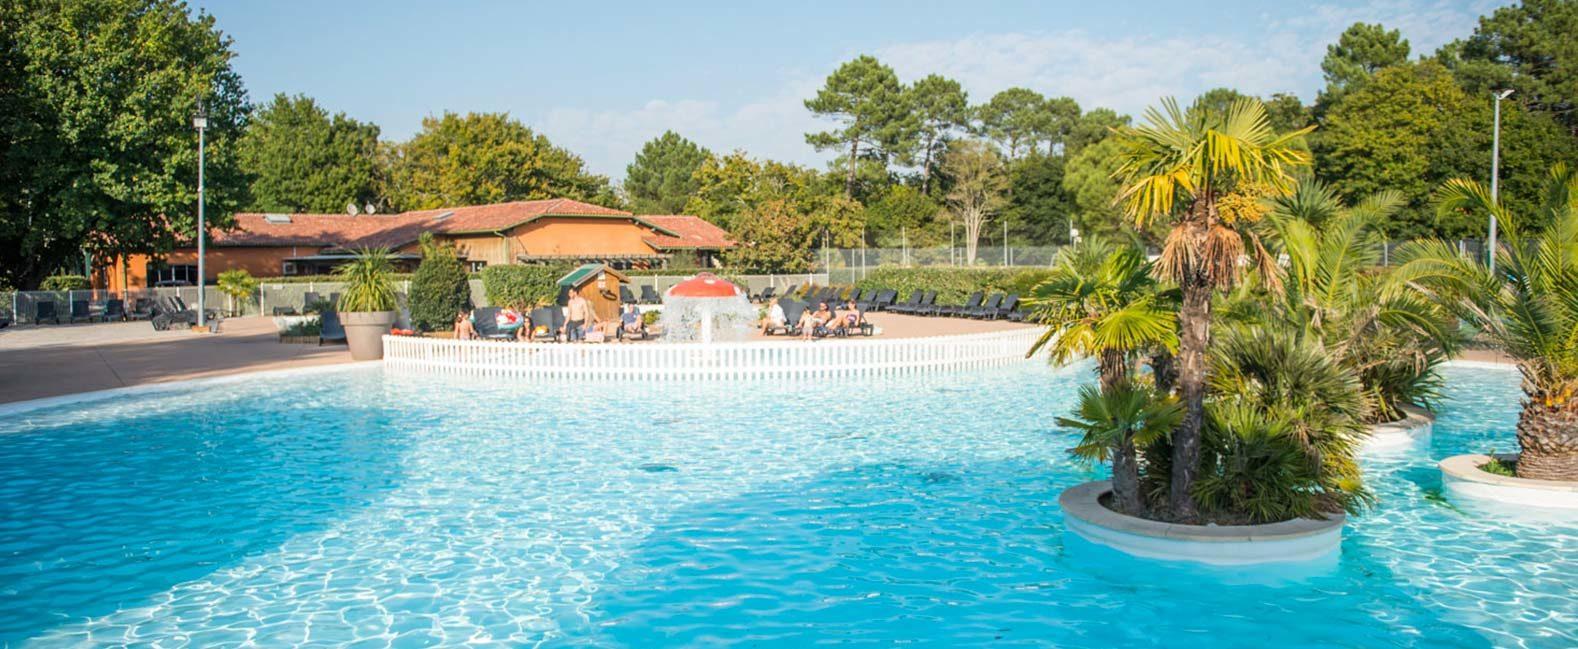 vacances piscine domaine de la forge